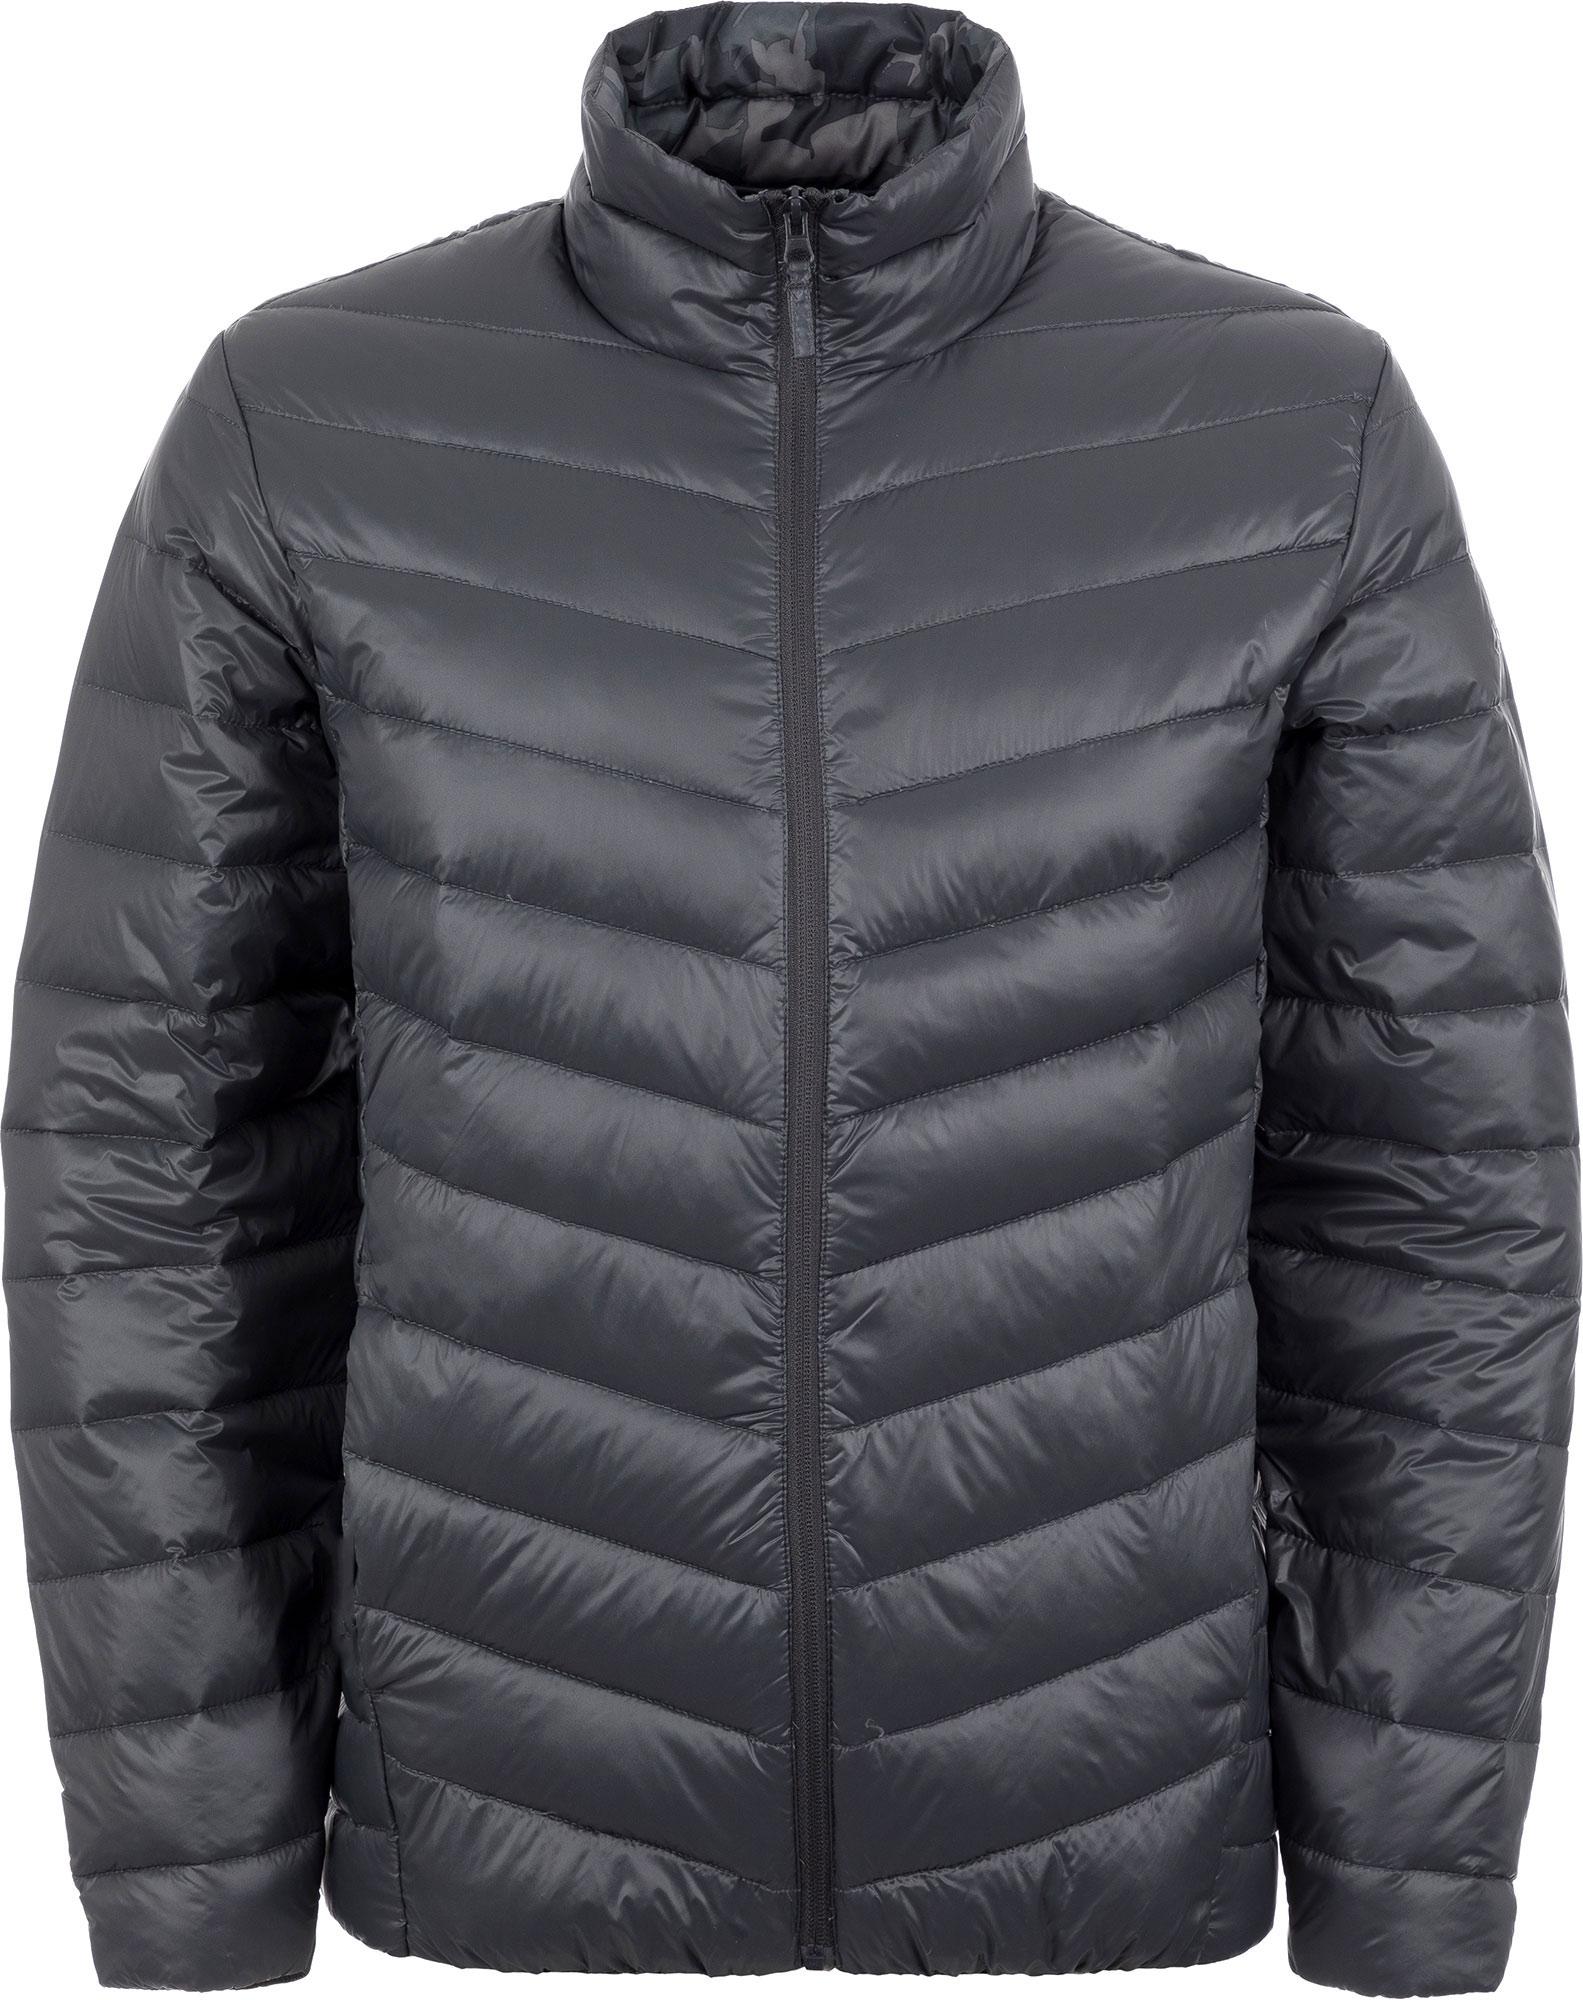 цена Outventure Куртка пуховая мужская Outventure, размер 46 онлайн в 2017 году